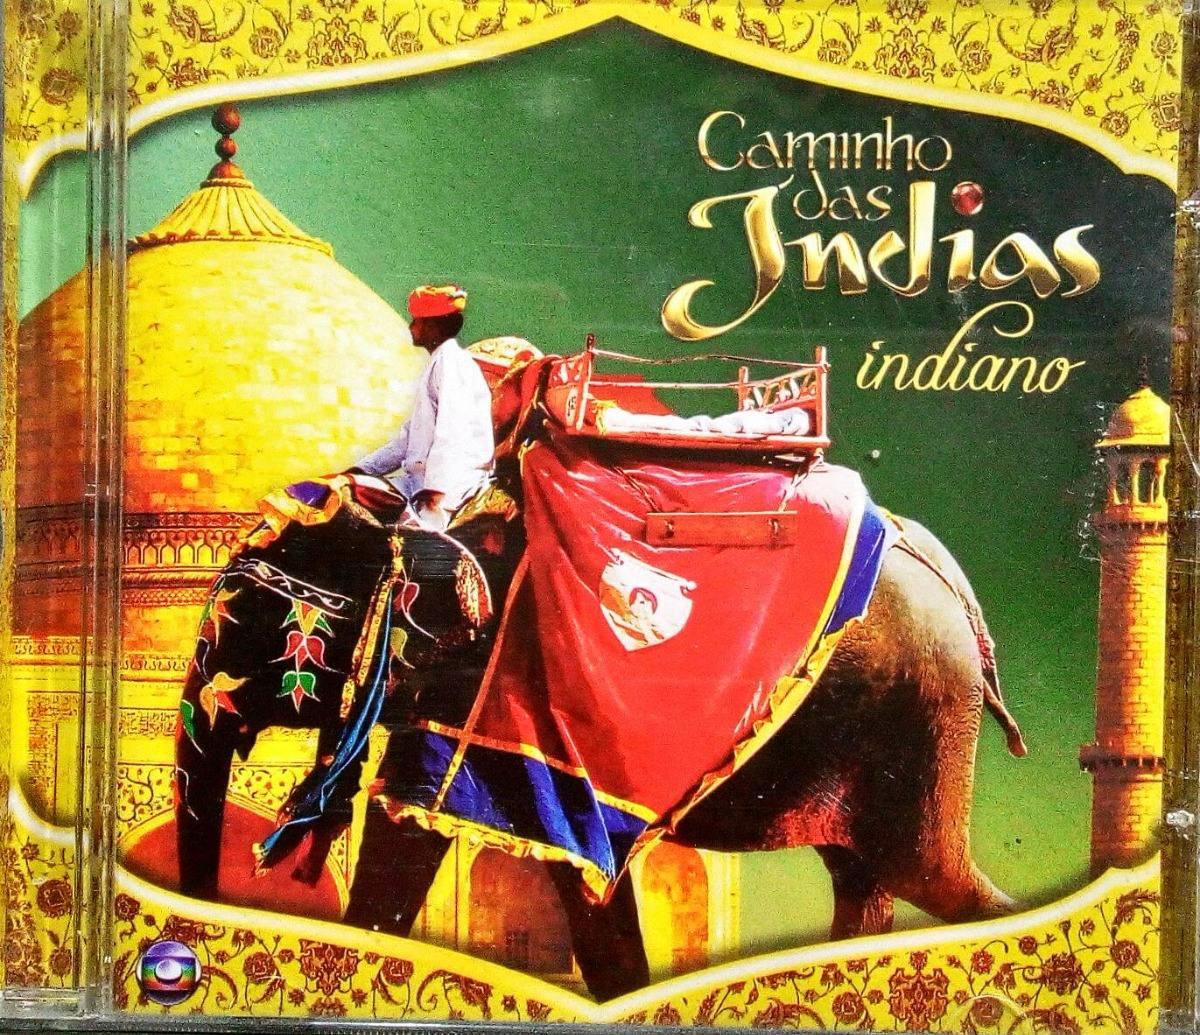 cd indiano caminho das indias